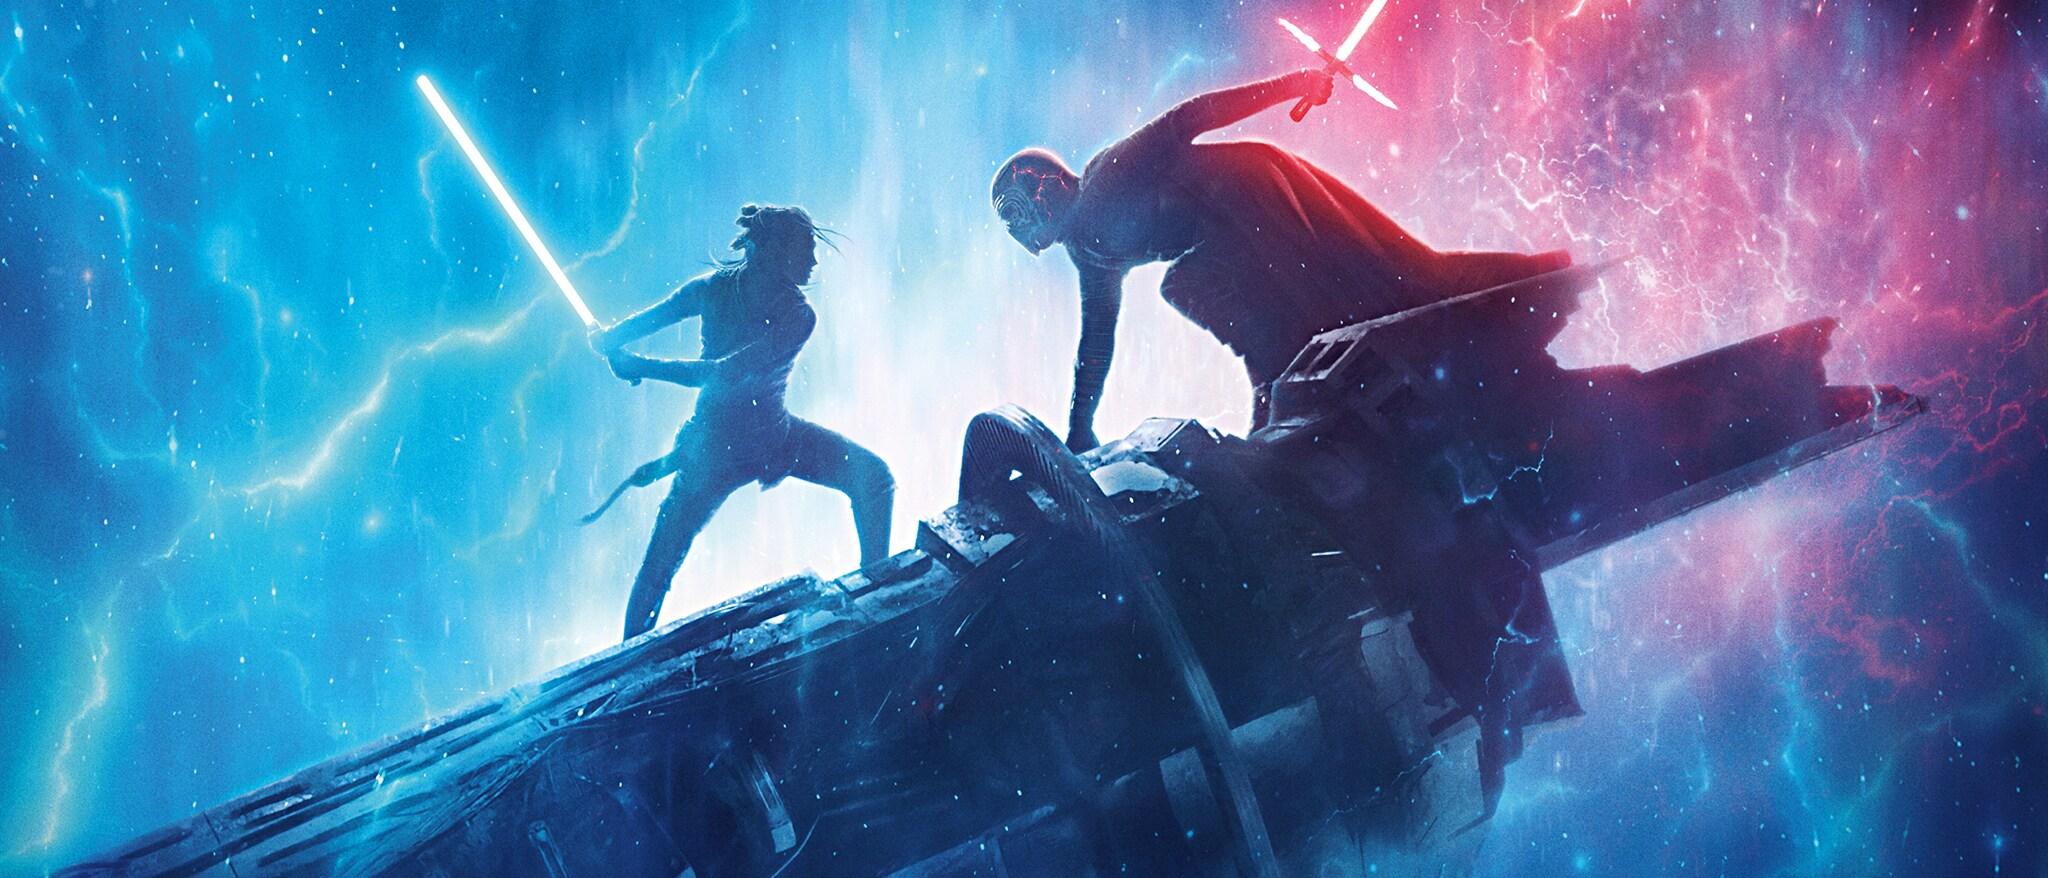 Star Wars: The Rise of Skywalker Hero